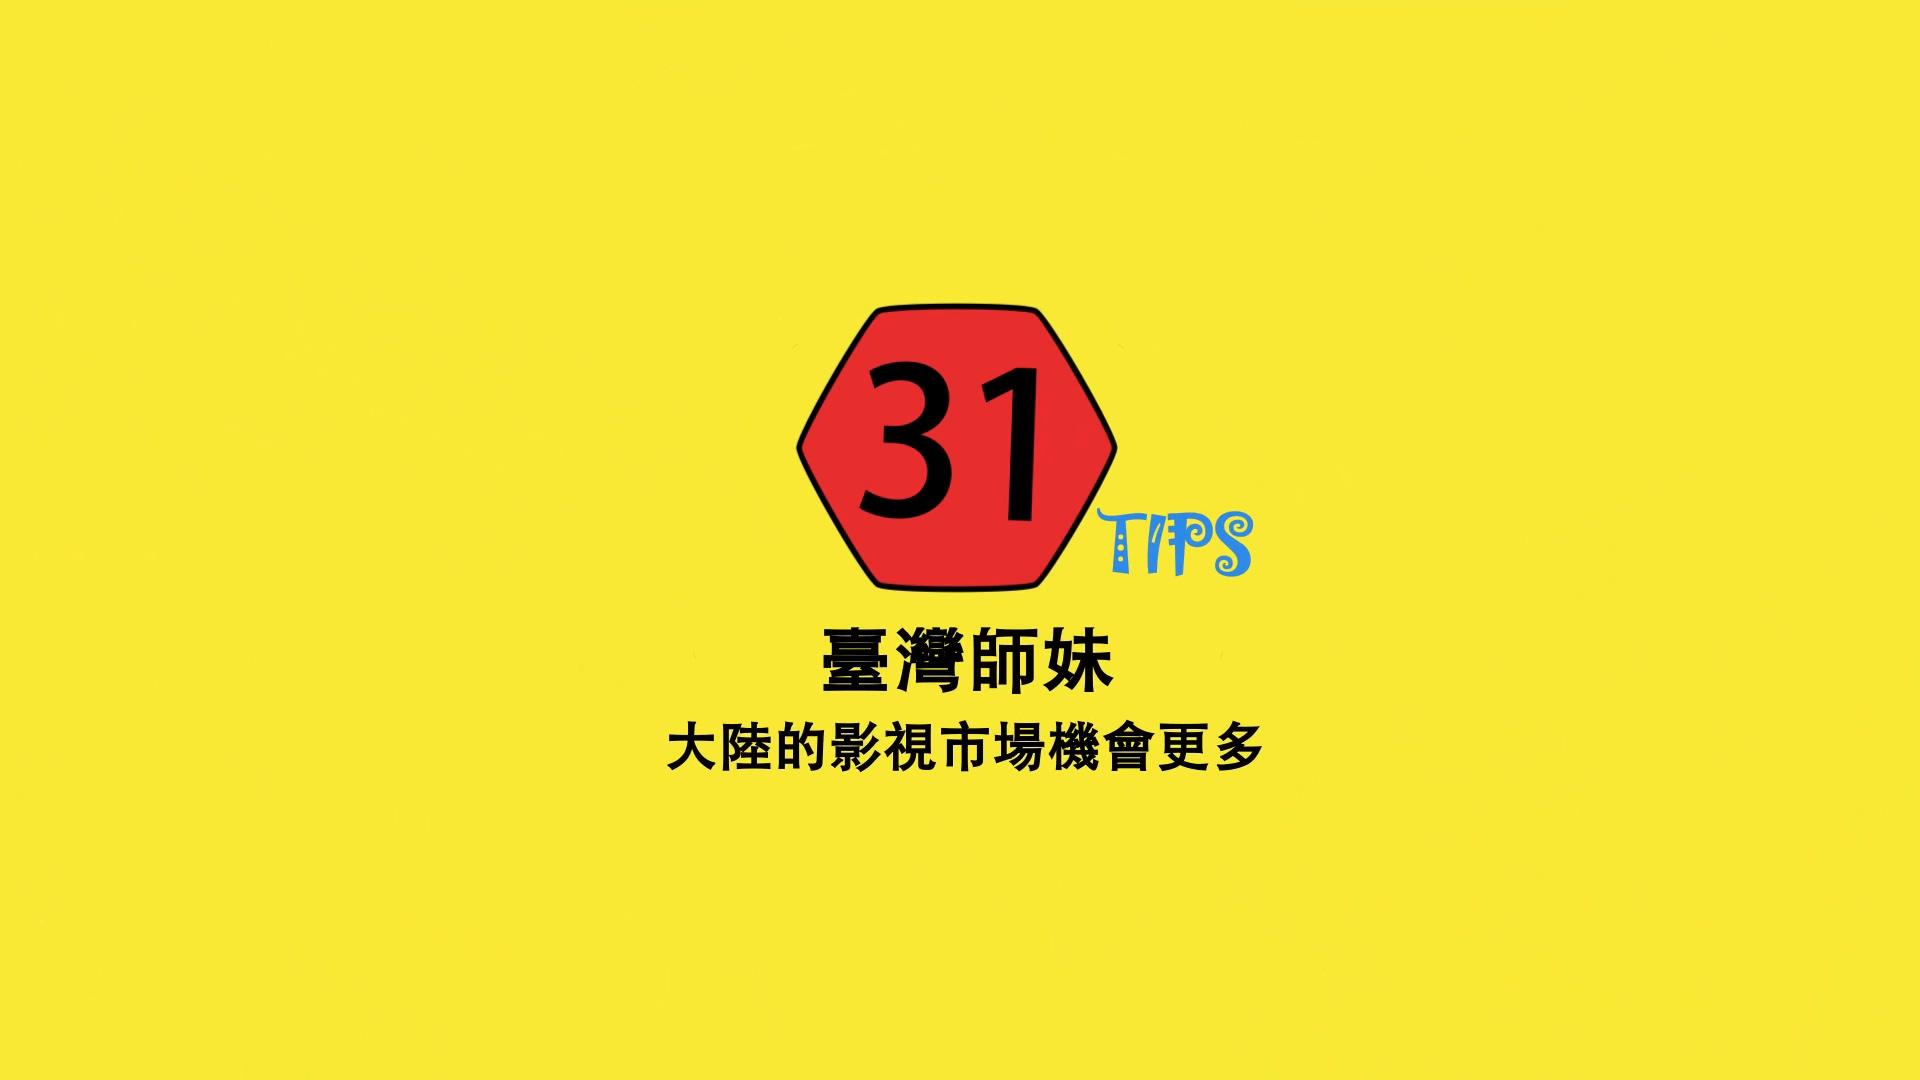 台湾师妹:大陆的影视市场机会更多_batch.mp4_20180810_082114.743.jpg